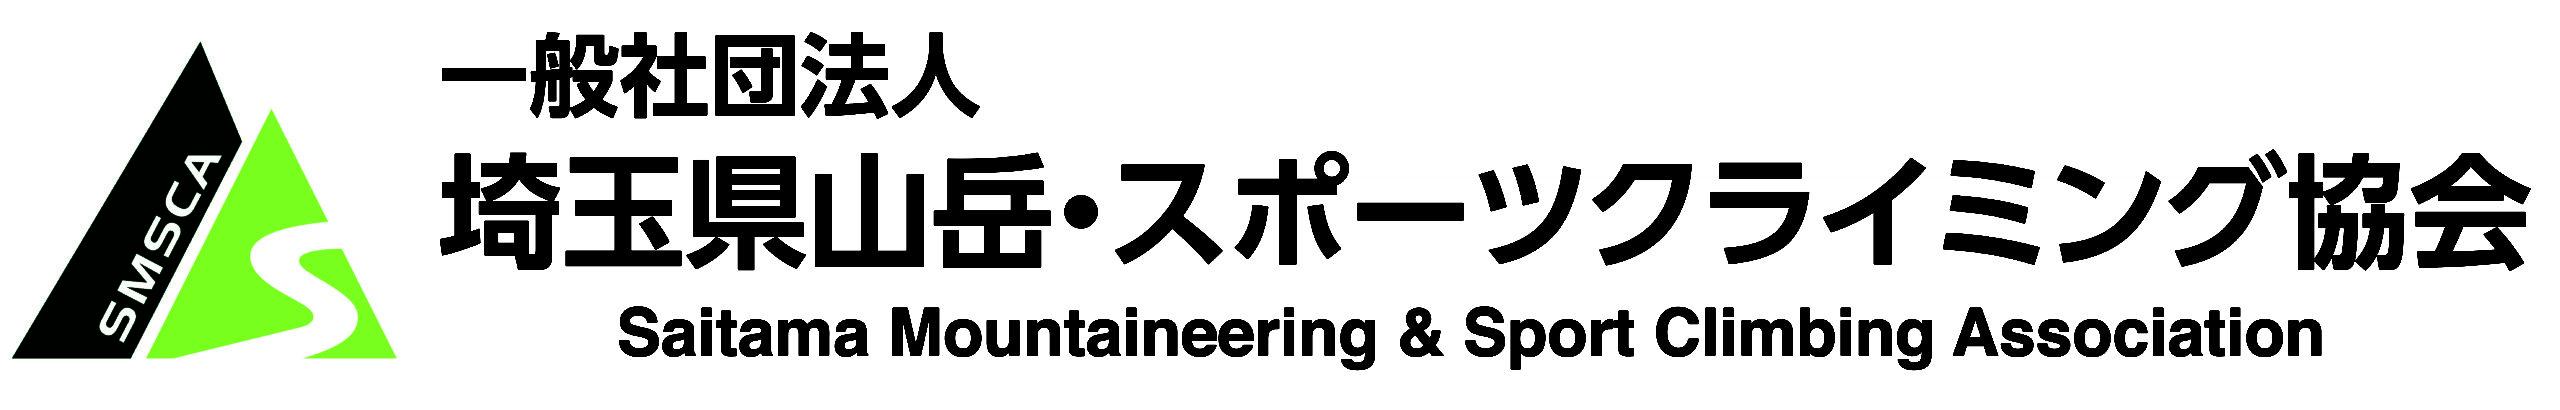 一般社団法人埼玉県山岳・スポーツクライミング協会